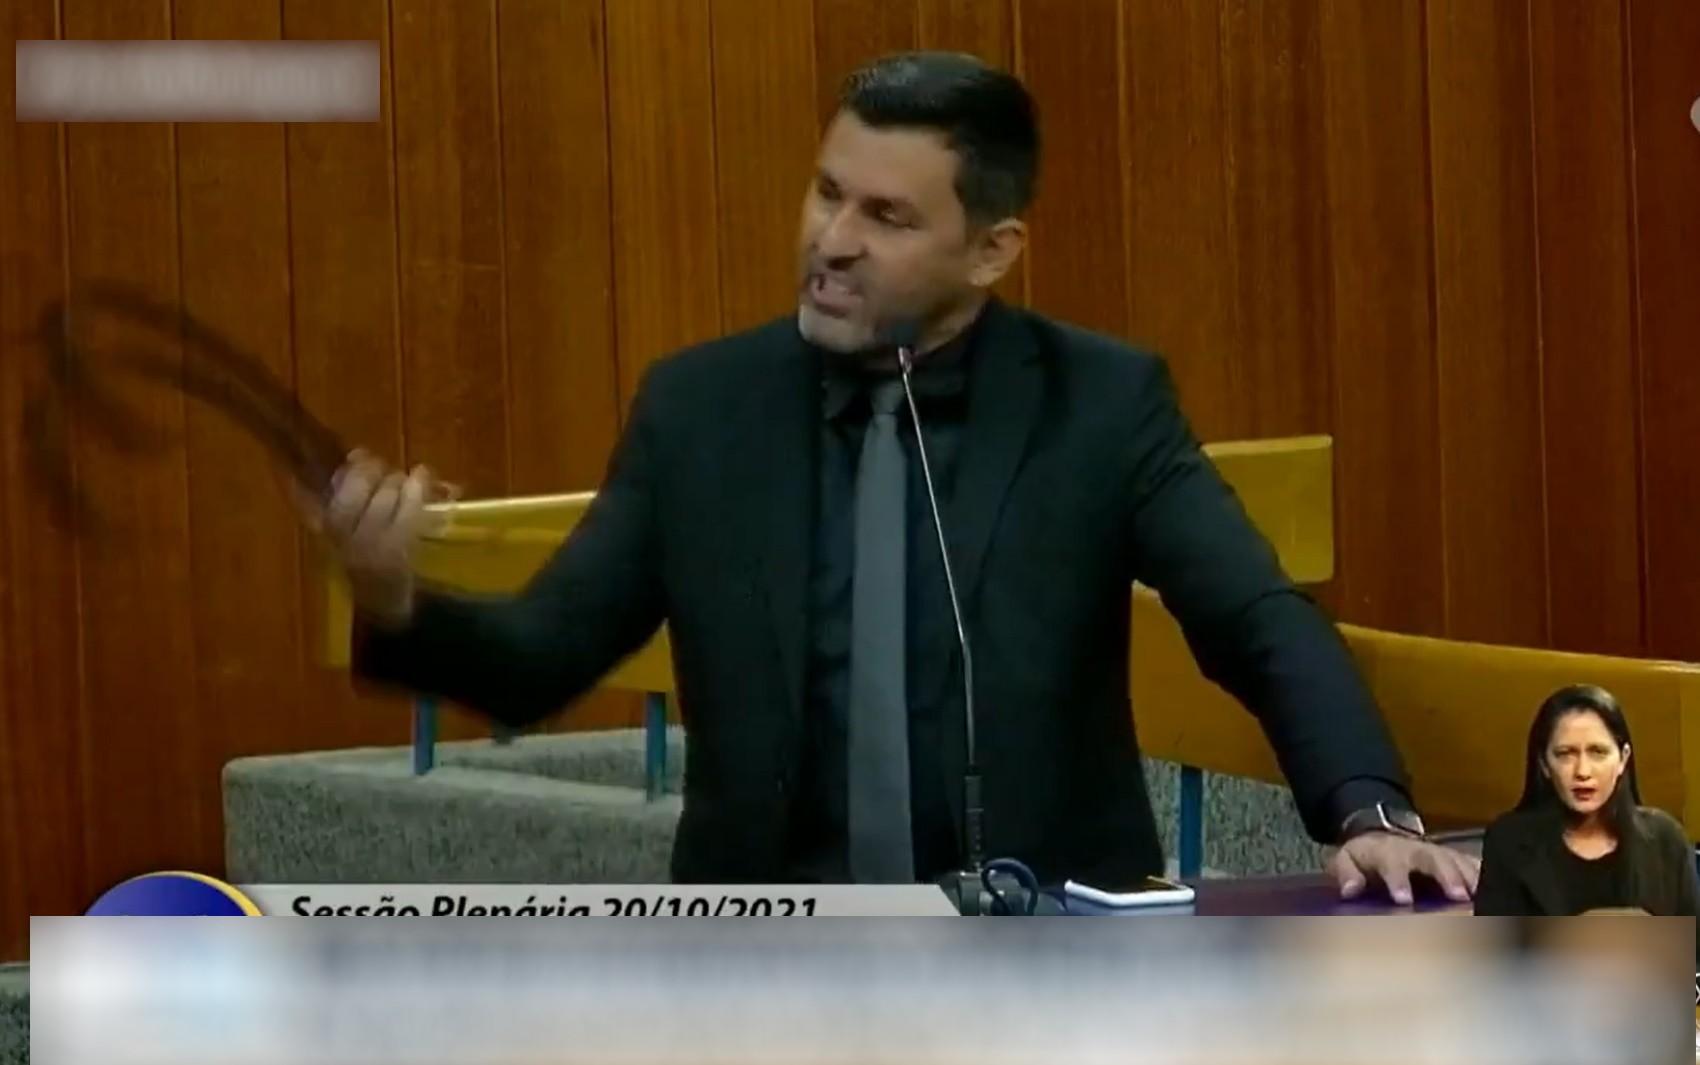 Vereador diz que colega precisava apanhar de cinto no lombo durante sessão da Câmara de Goiânia